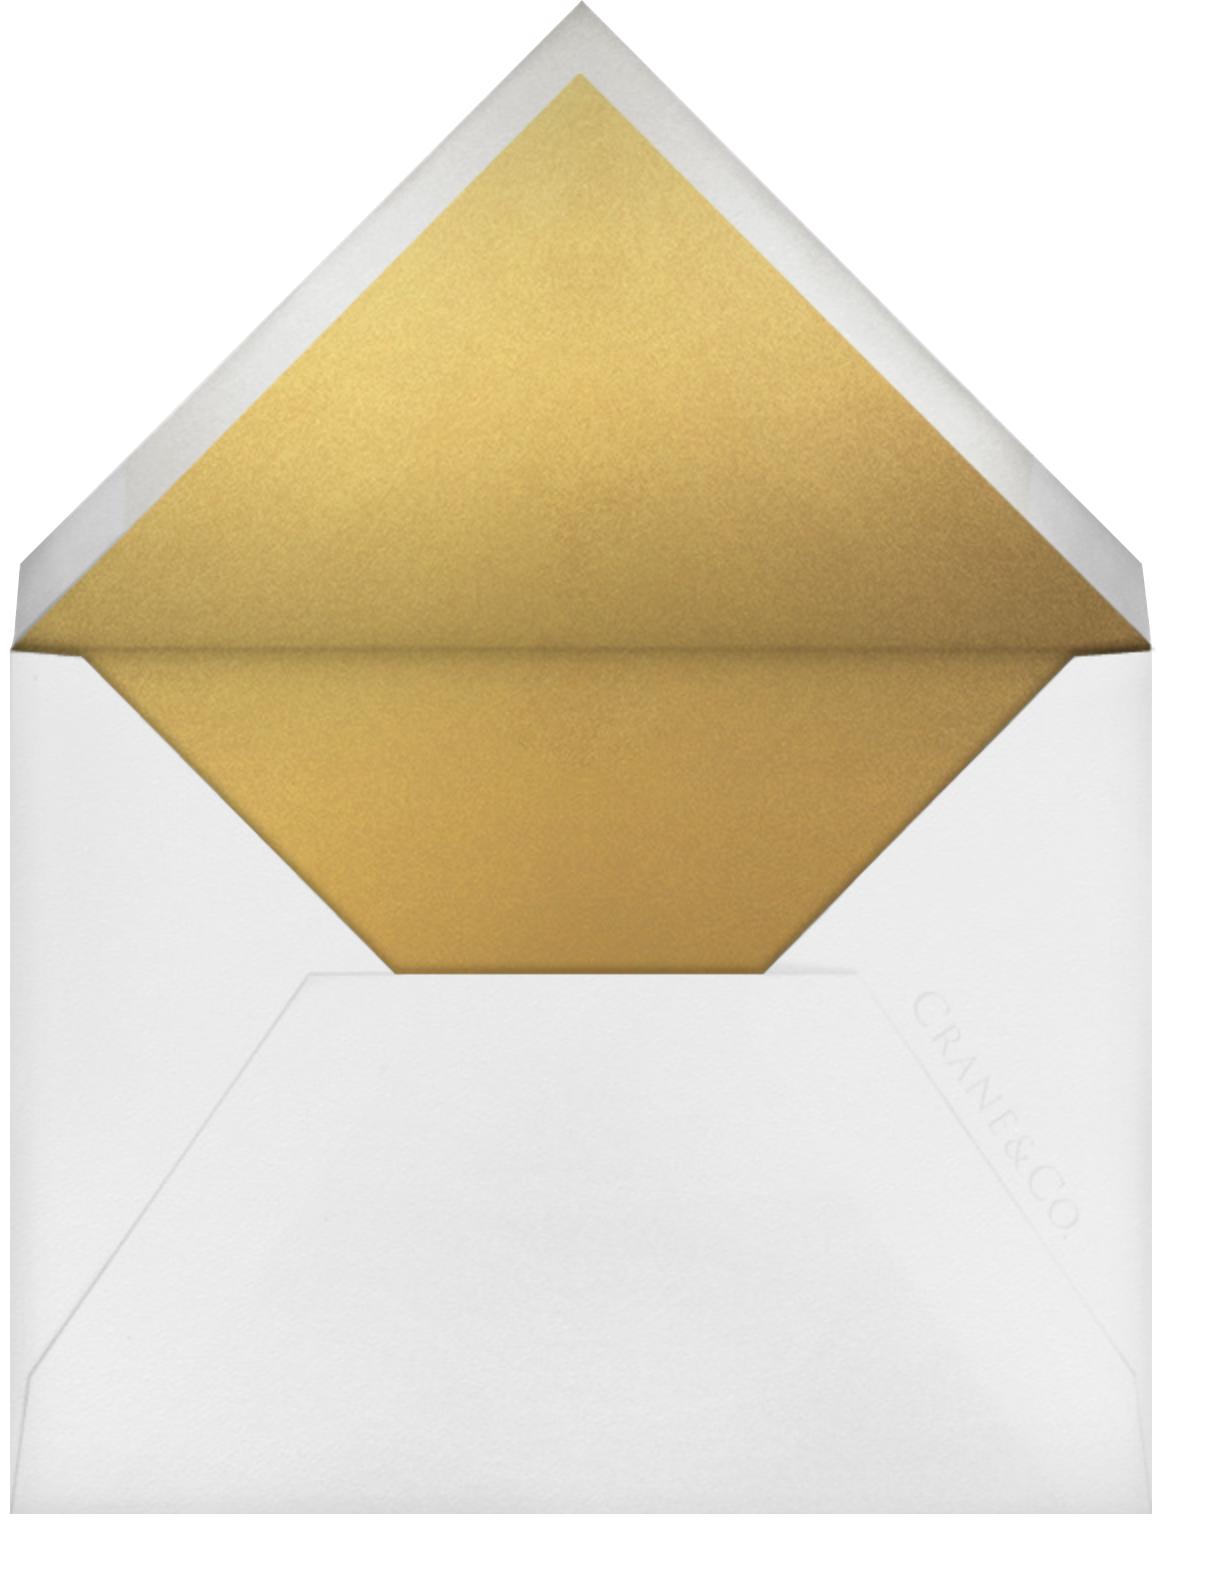 Lacquer (Thank You) - Medium Gold - Crane & Co. - Envelope